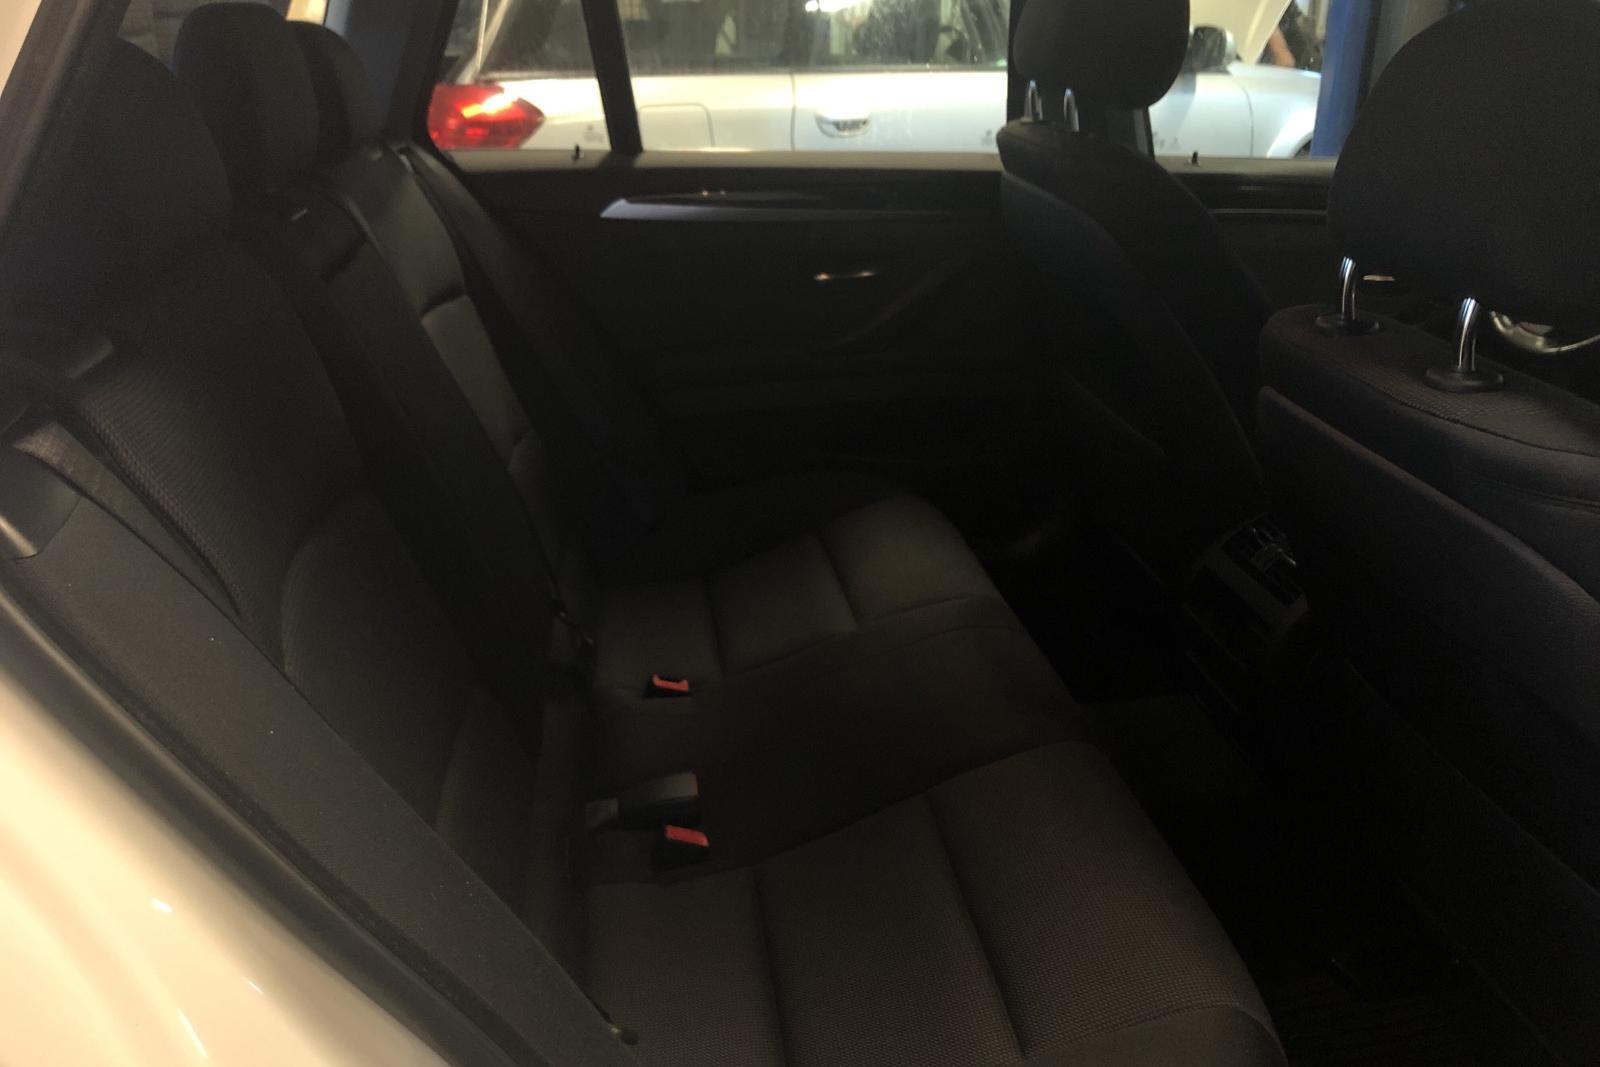 BMW 520d xDrive Touring, F11 (190hk) - 124 760 km - Automatic - white - 2015